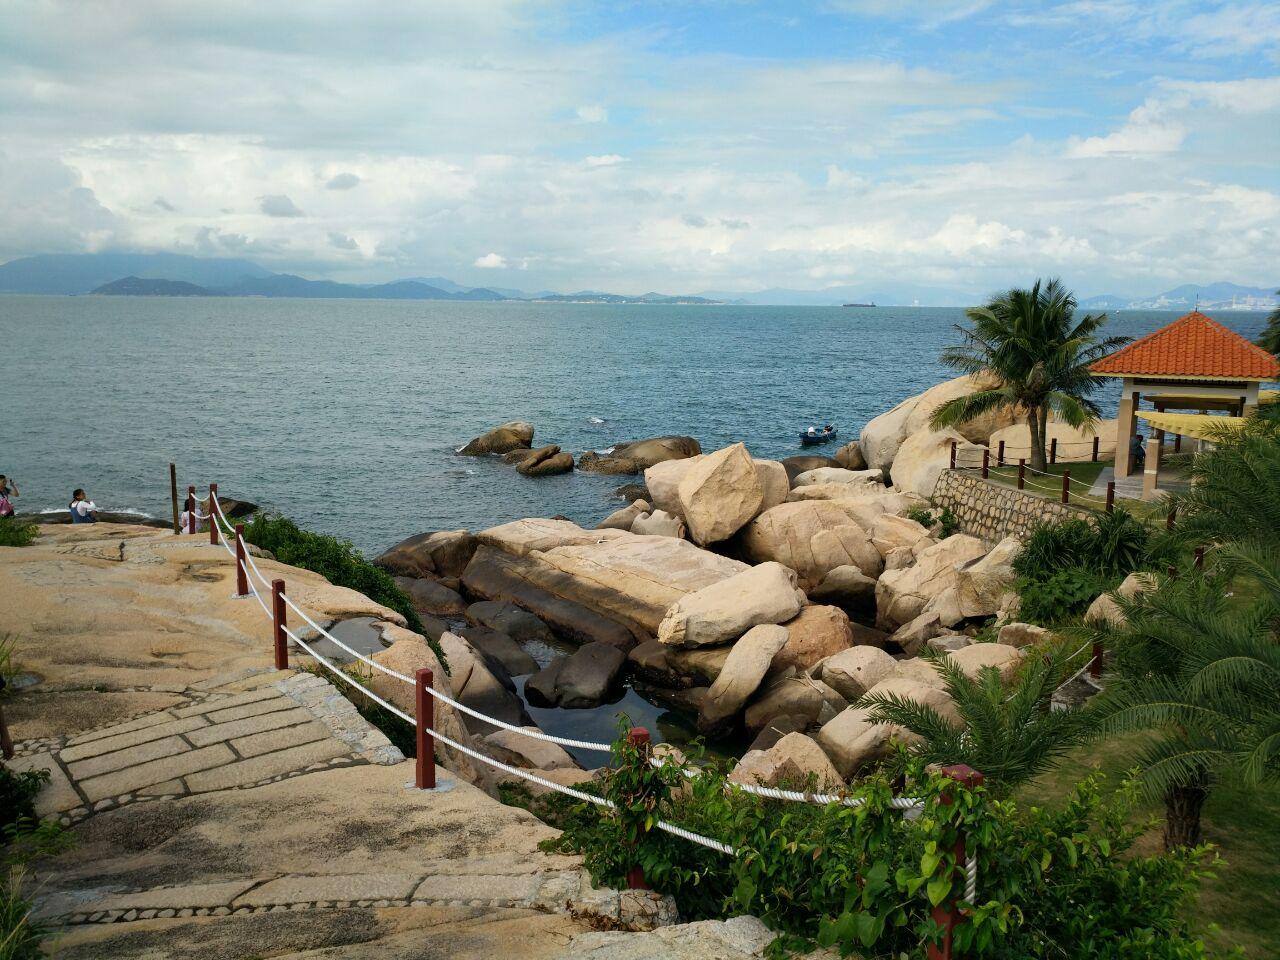 【携程攻略】广东外伶仃岛景点,个人感觉是个非常美丽